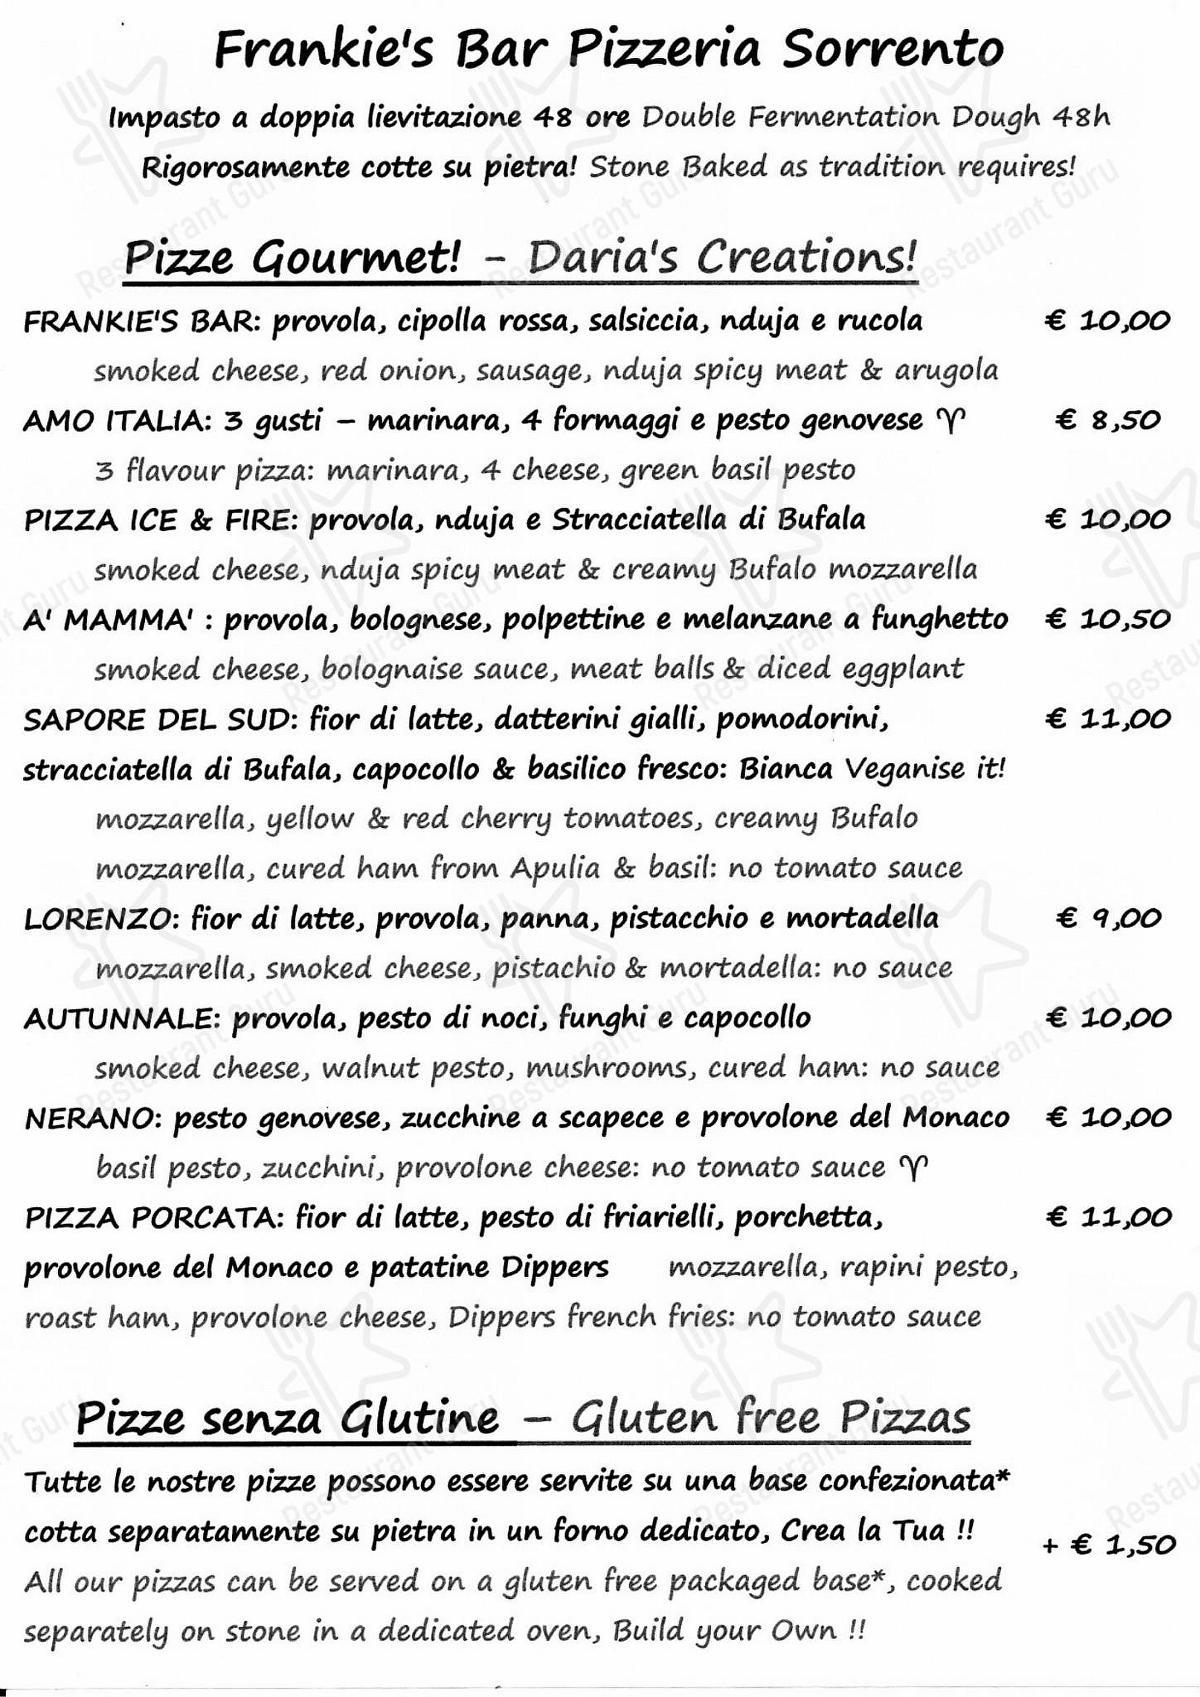 Frankie's Bar Speisekarte - Gerichte und Getränke